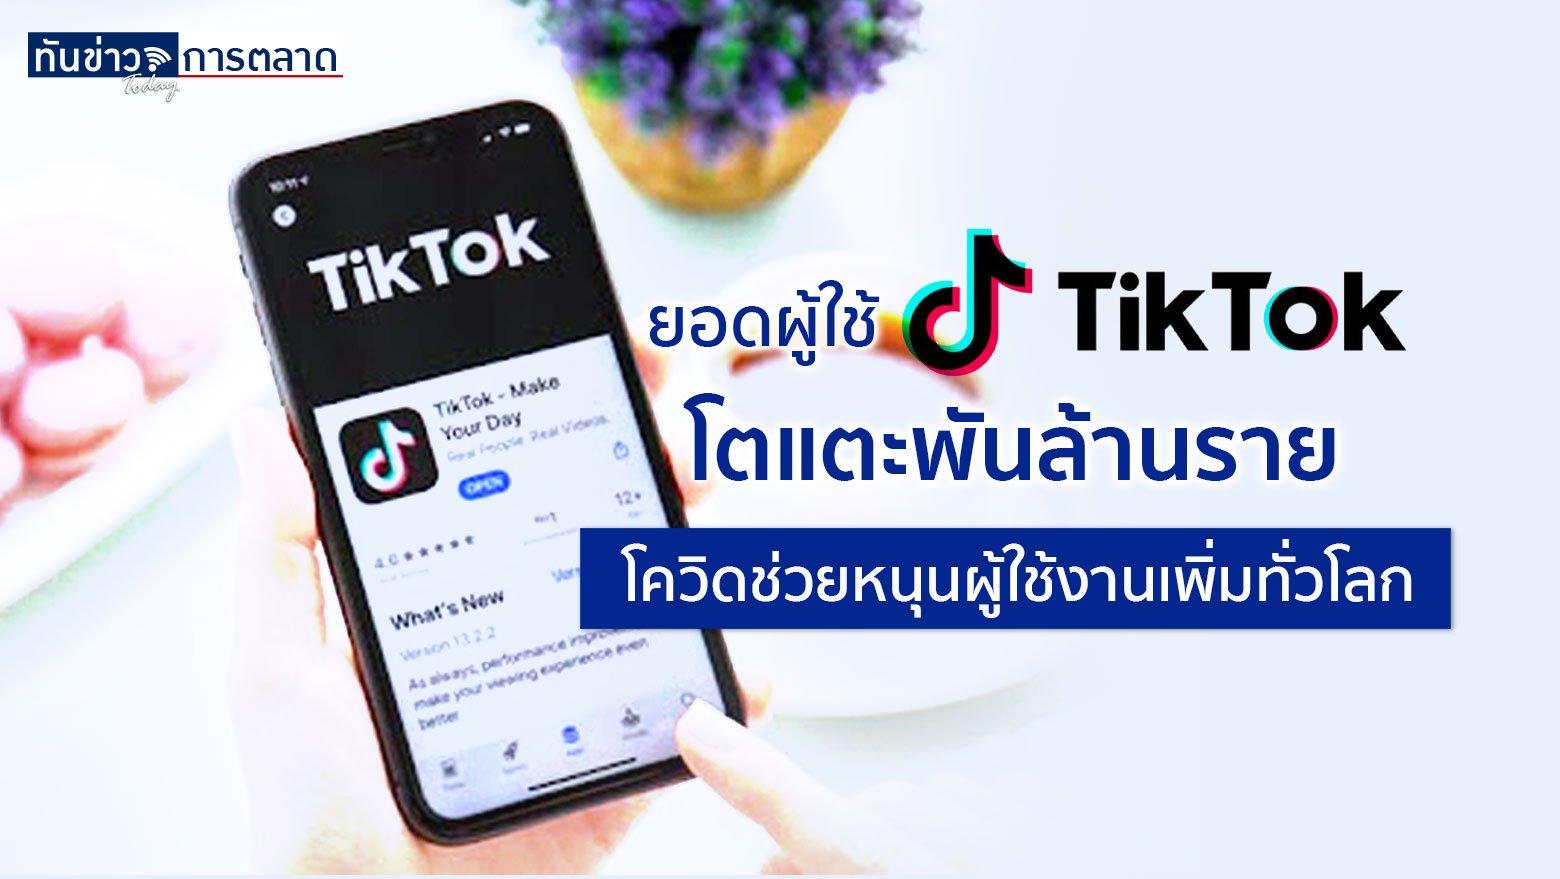 Tik Tok แอปวิดีโอสั้นยอดนิยมของจีน เผยยอดผู้ใช้งานทั่วโลกแตะ 1 พันล้านคนแล้ว เติบโตอย่างต่อเนื่อง โดยเฉพาะช่วงโควิด